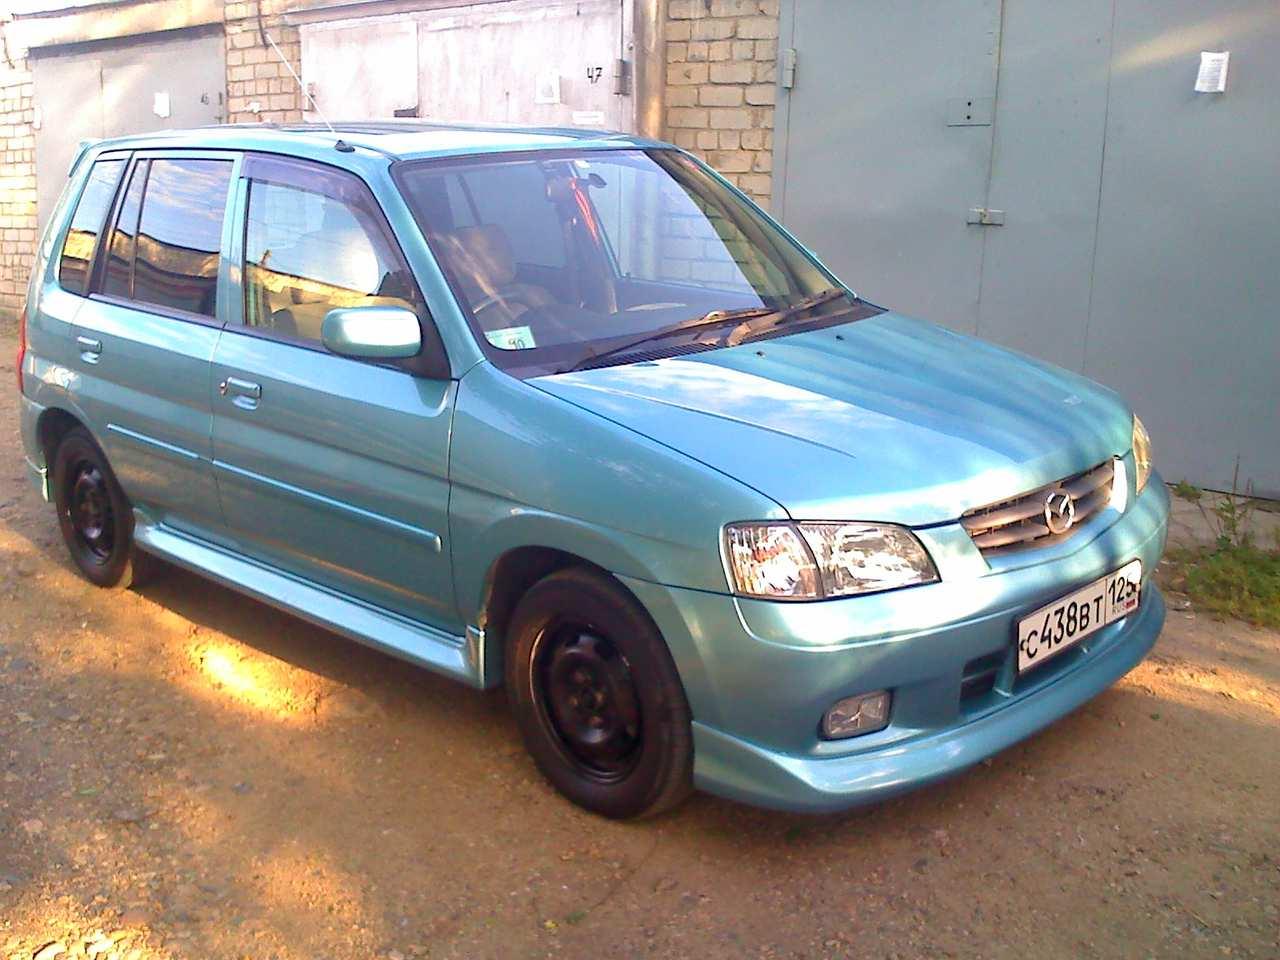 2002 Mazda Demio Pictures, 1.3l., Gasoline, FF, Automatic For Sale